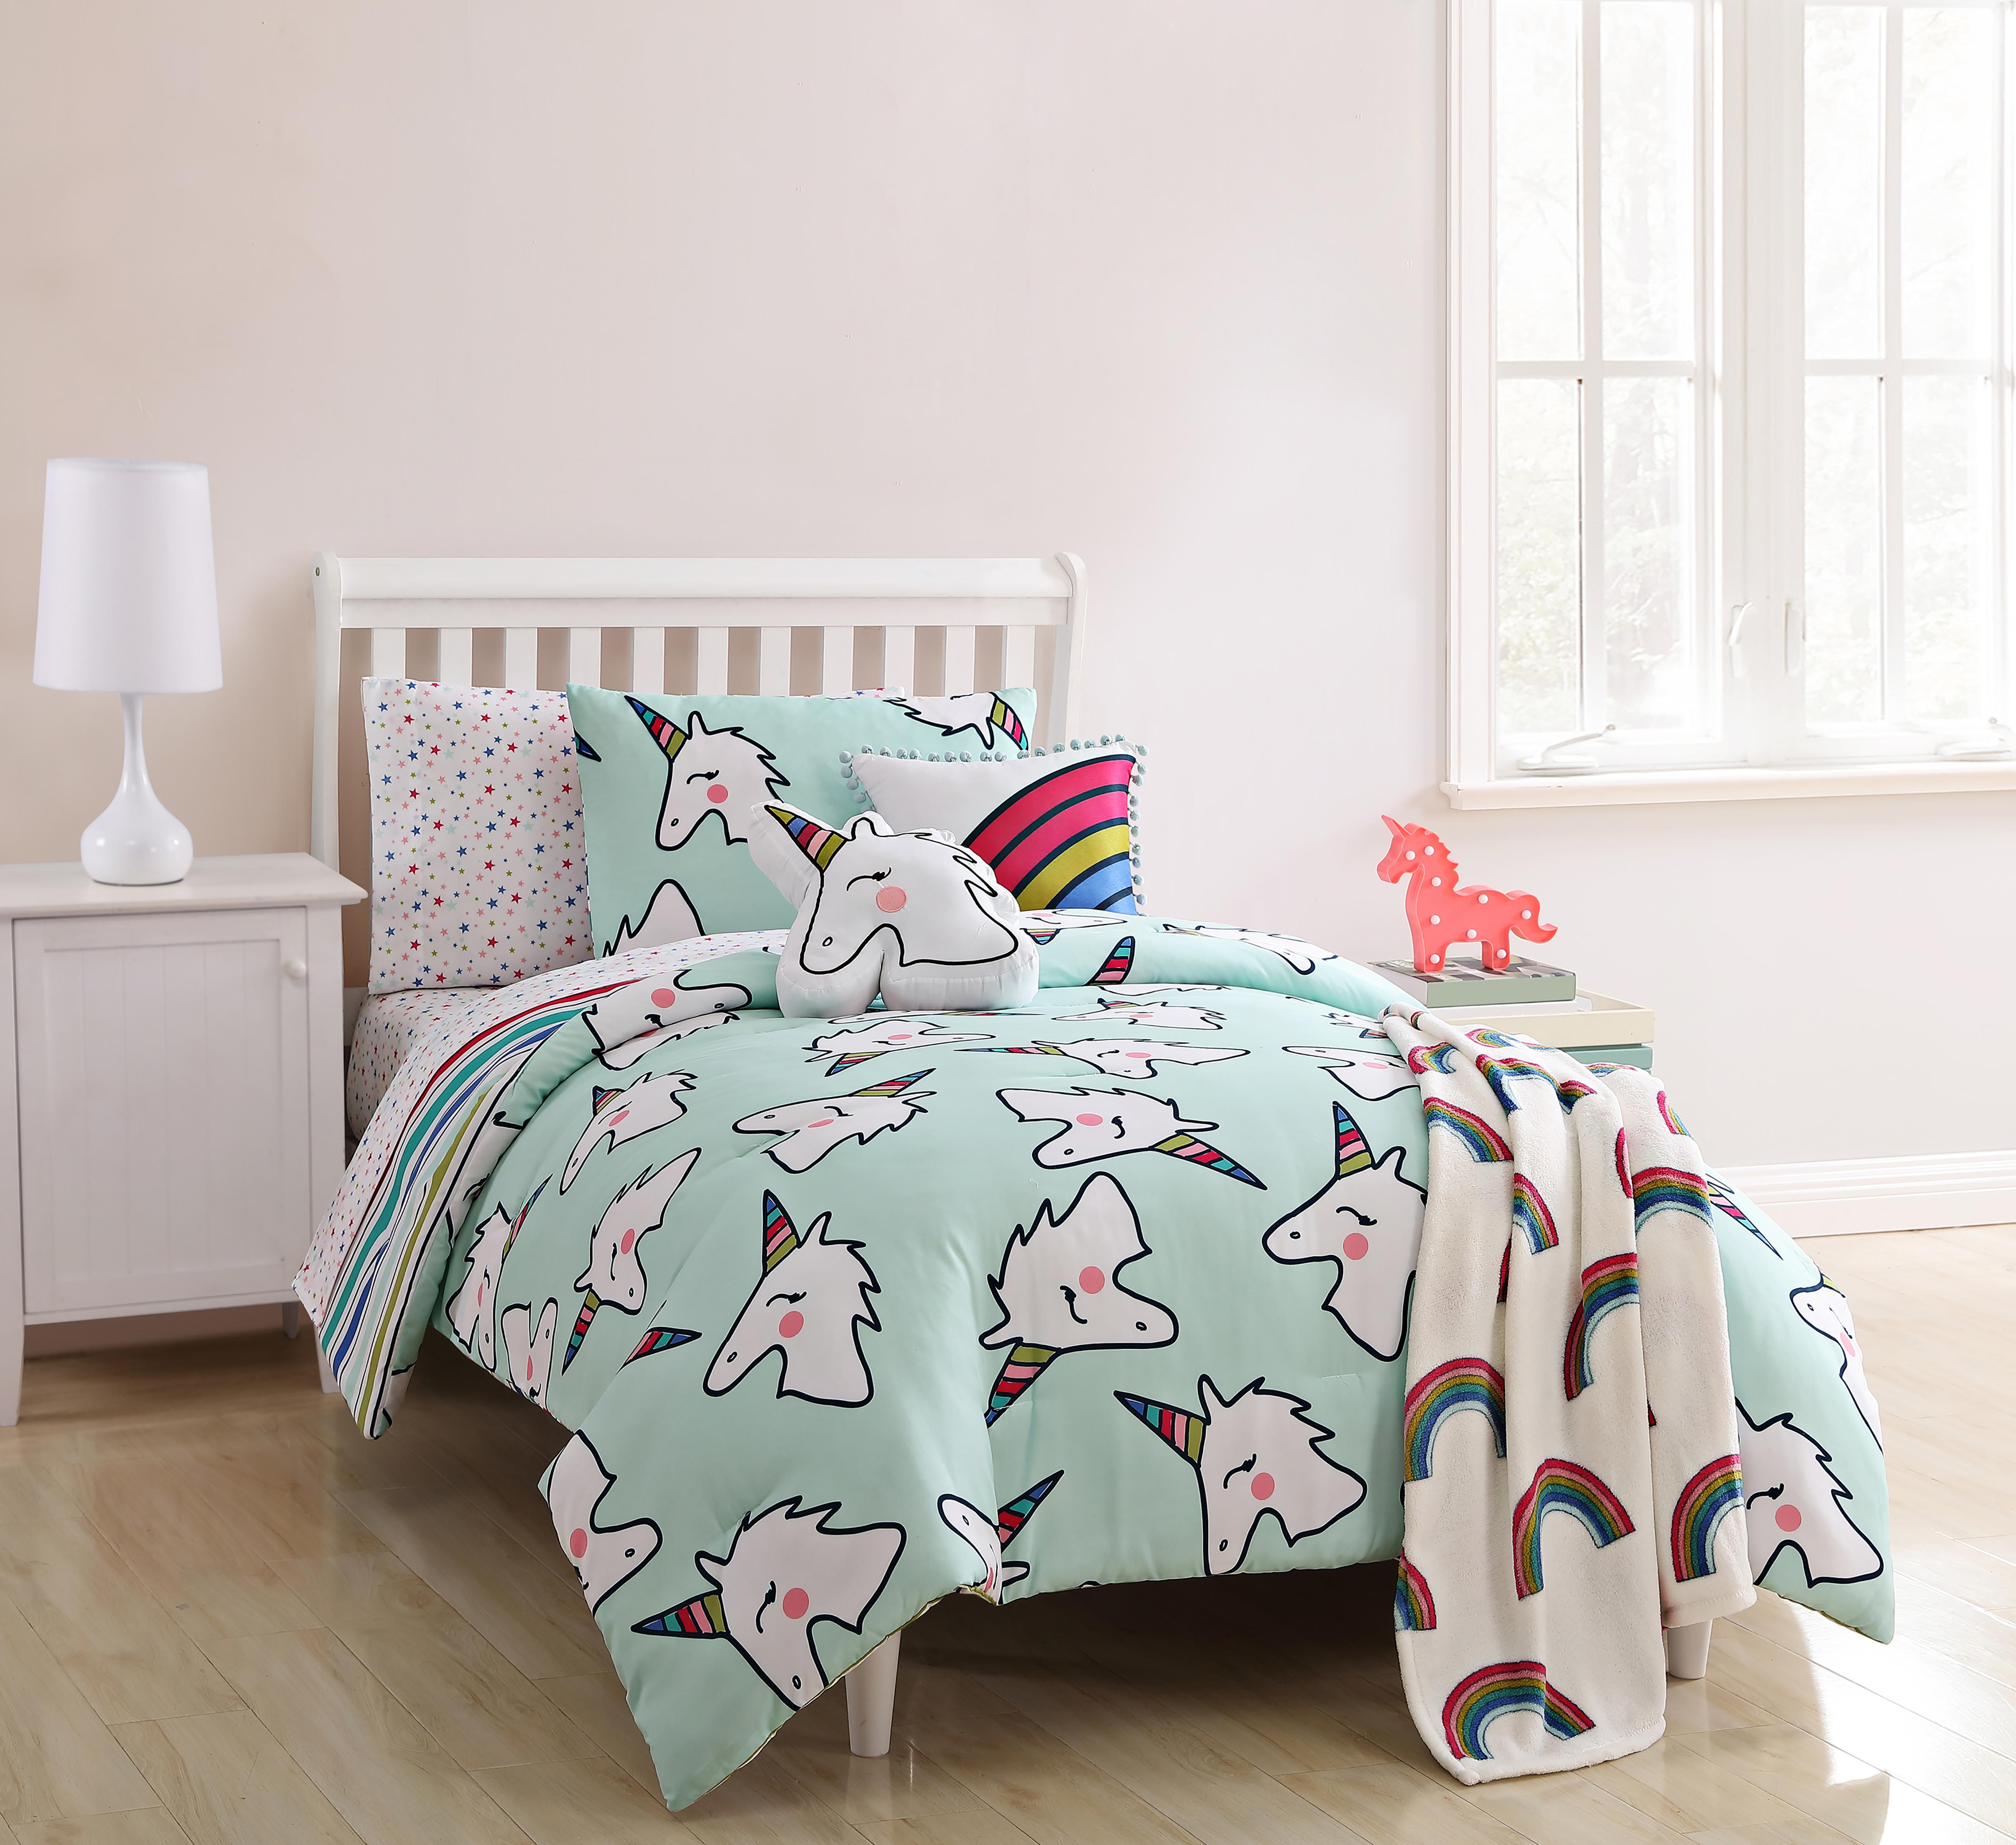 Piper Twin Comforter Set A Unicorn Multi Comforter Sets Kids Comforter Sets Kids Twin Bedding Sets